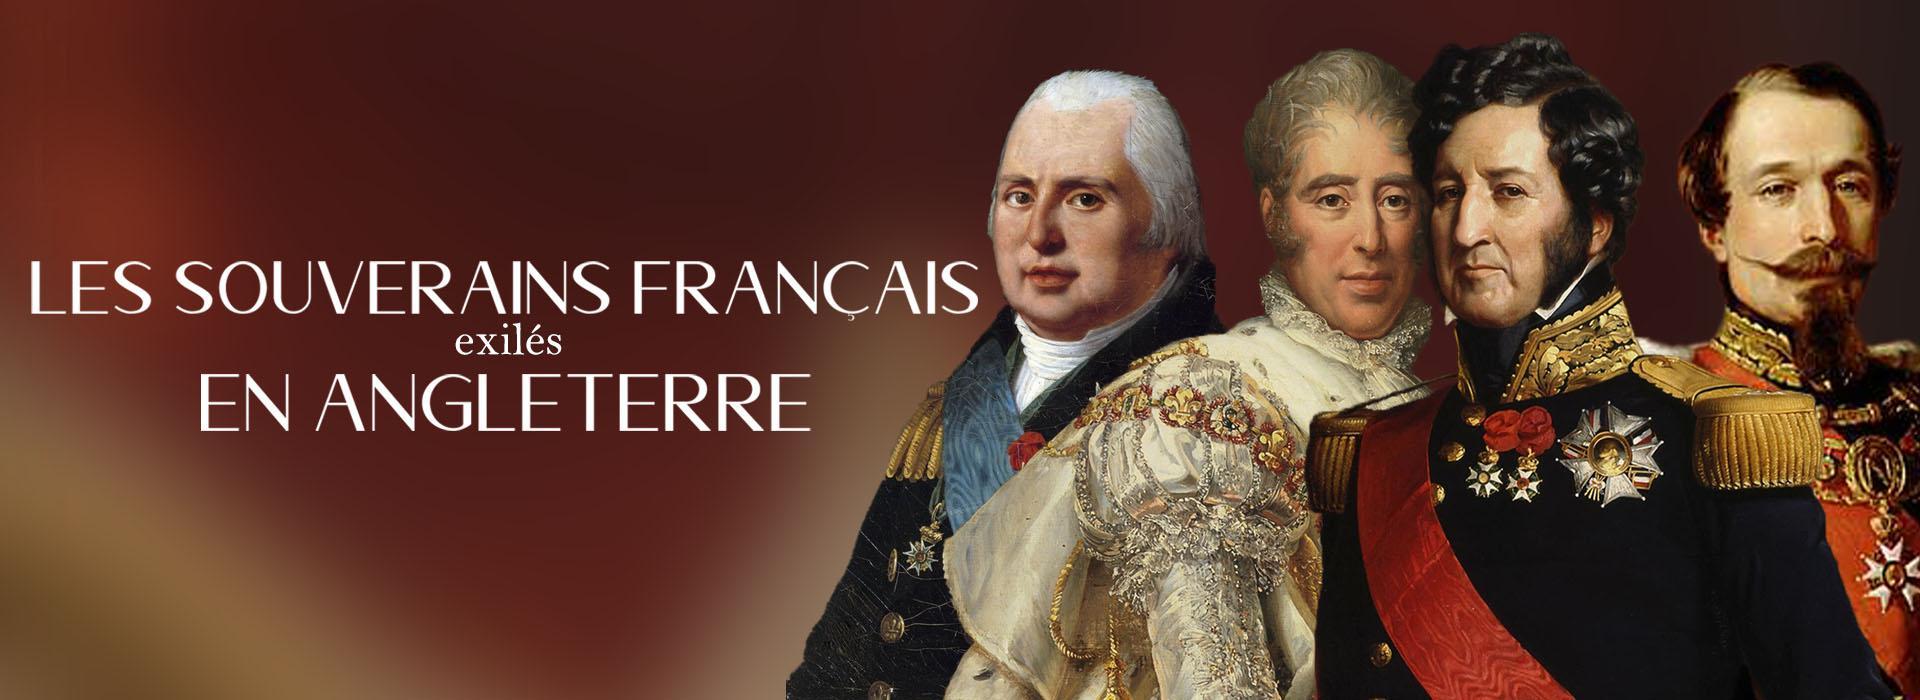 Monarchie francaise en exil en angleterre